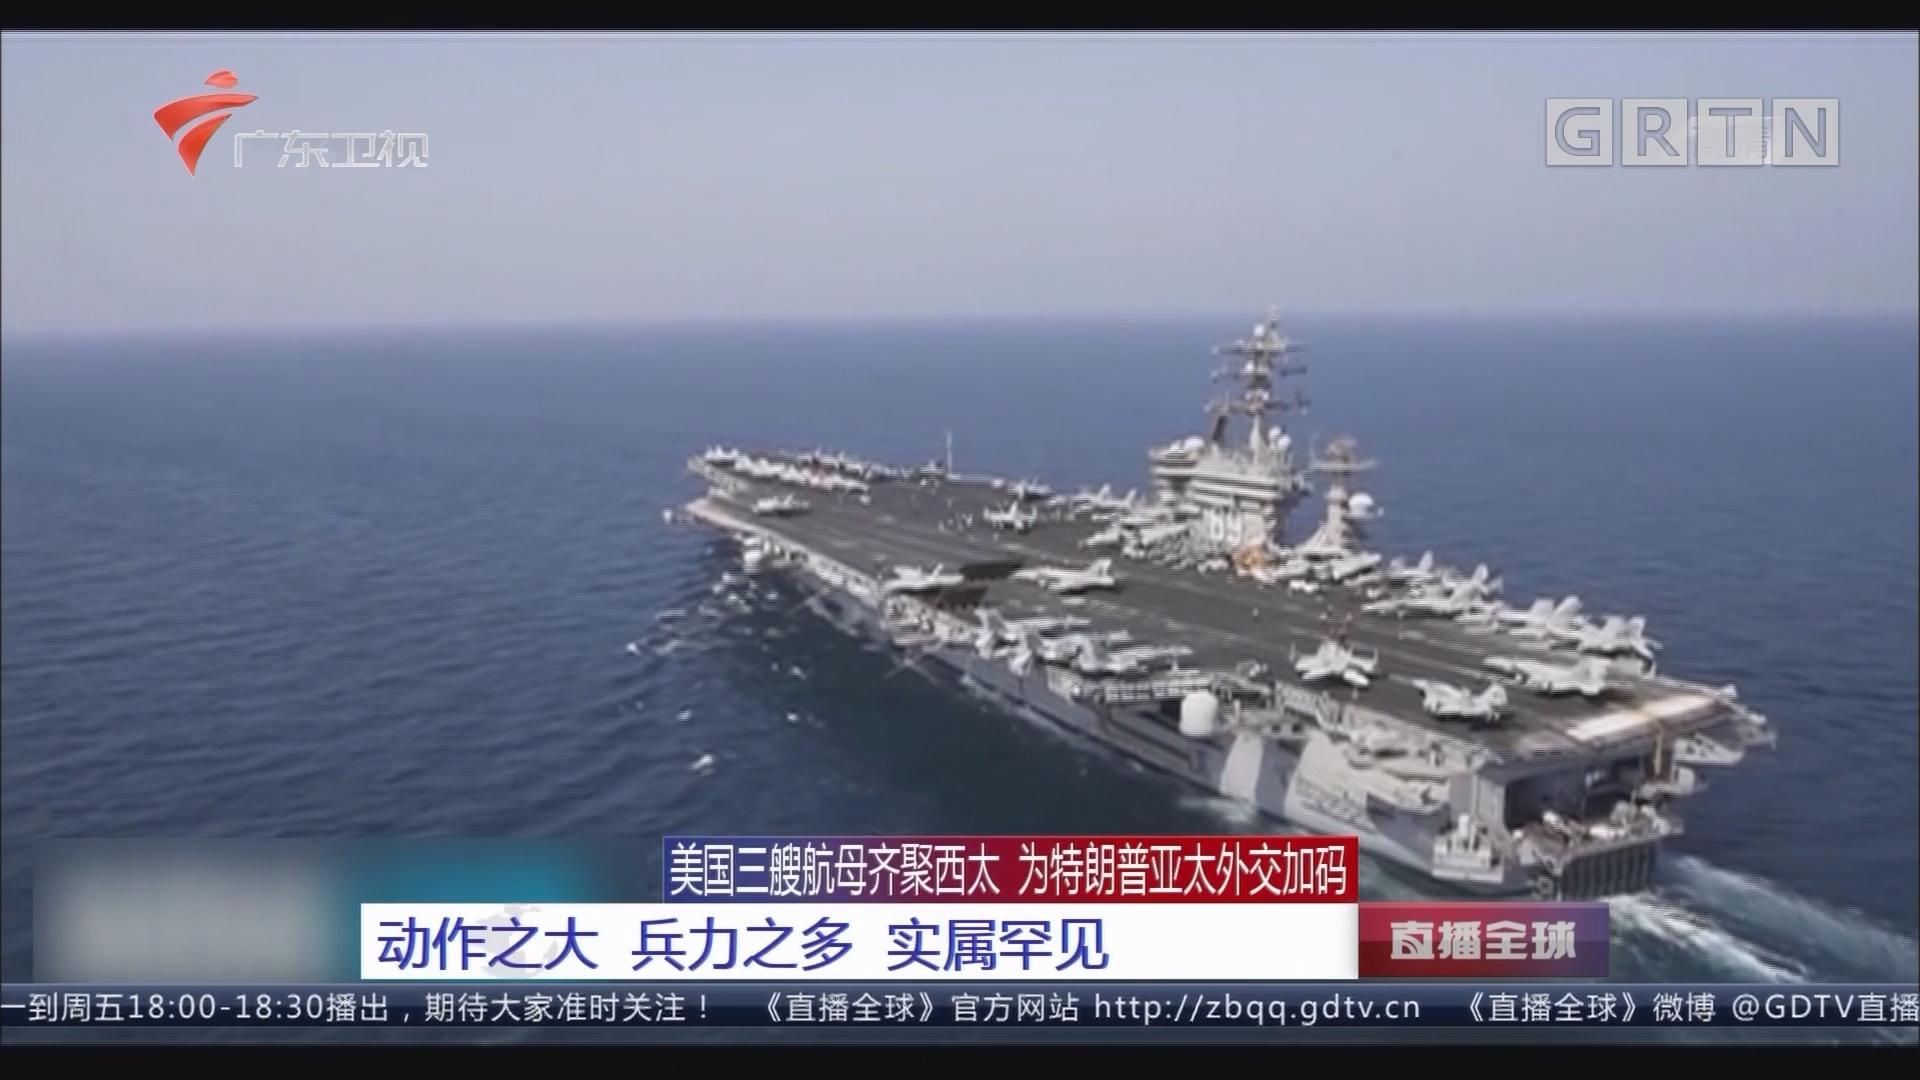 美国三艘航母齐聚西太 为特朗普亚太外交加码:动作之大 兵力之多 实属罕见